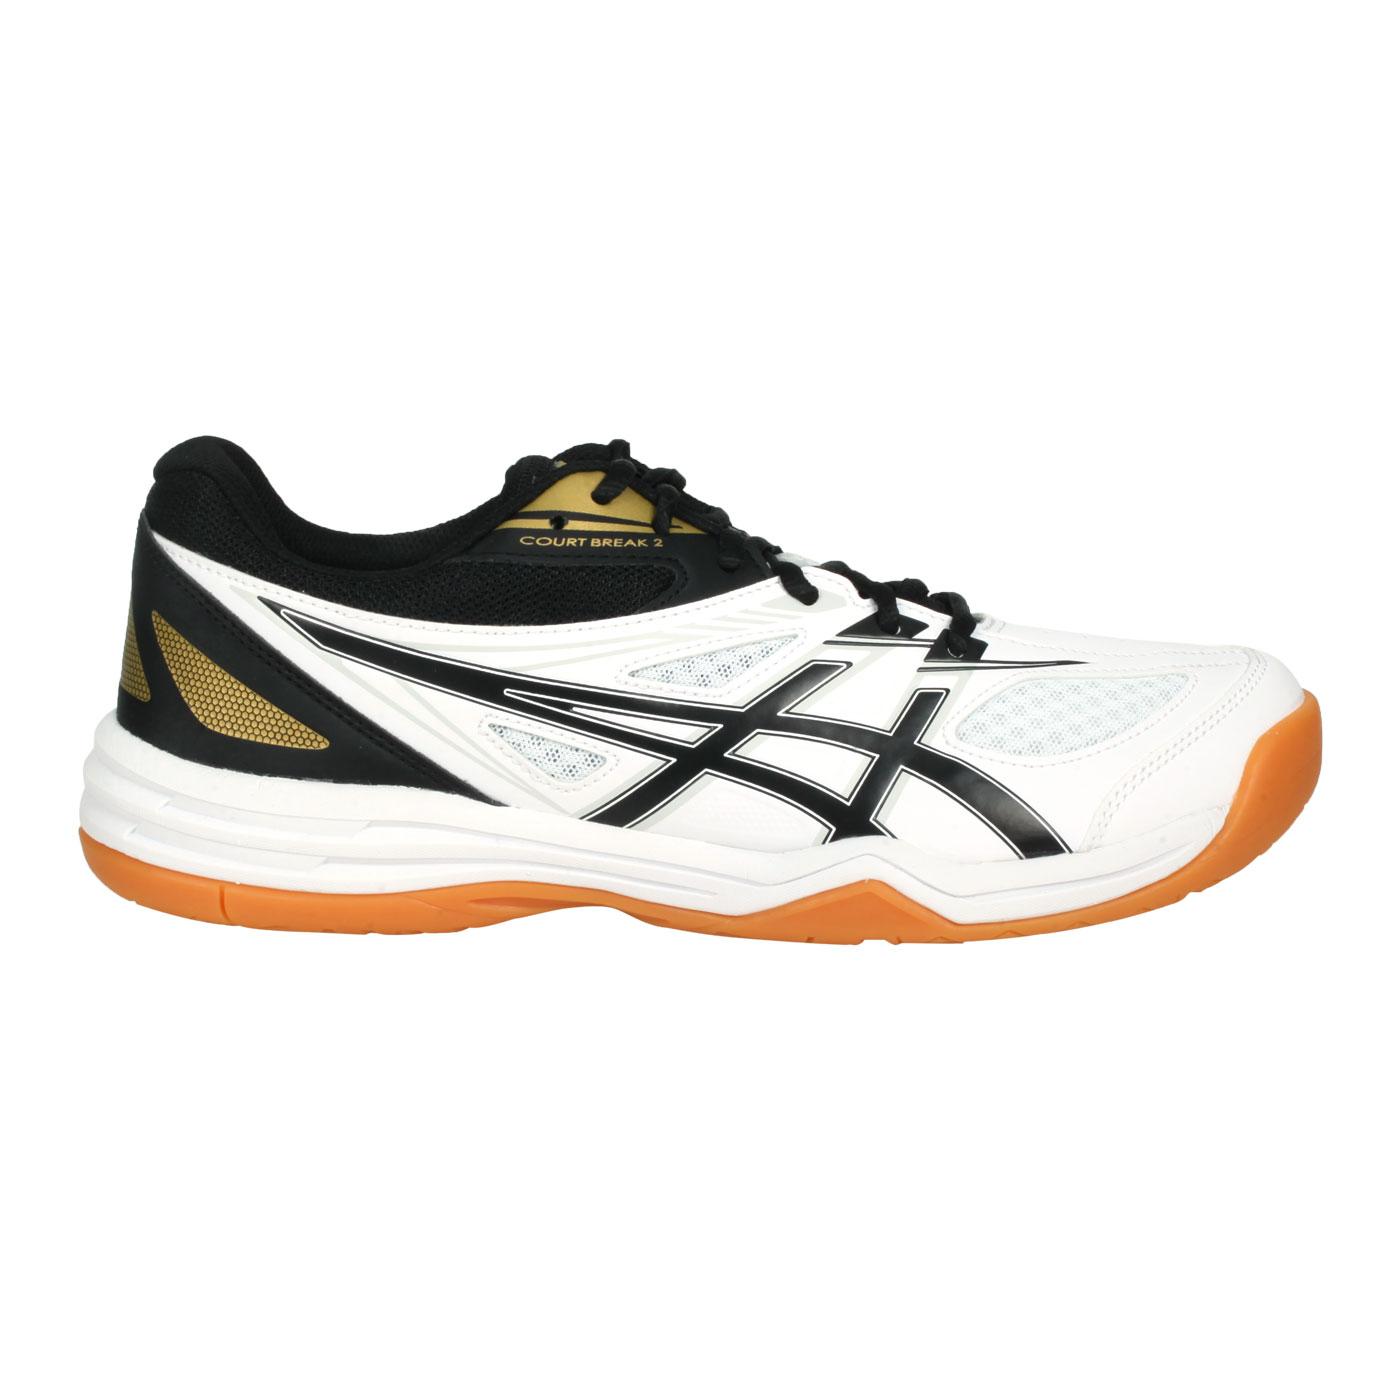 ASICS 男款羽球鞋  @COURT BREAK 2@1073A013-102 - 白黑金